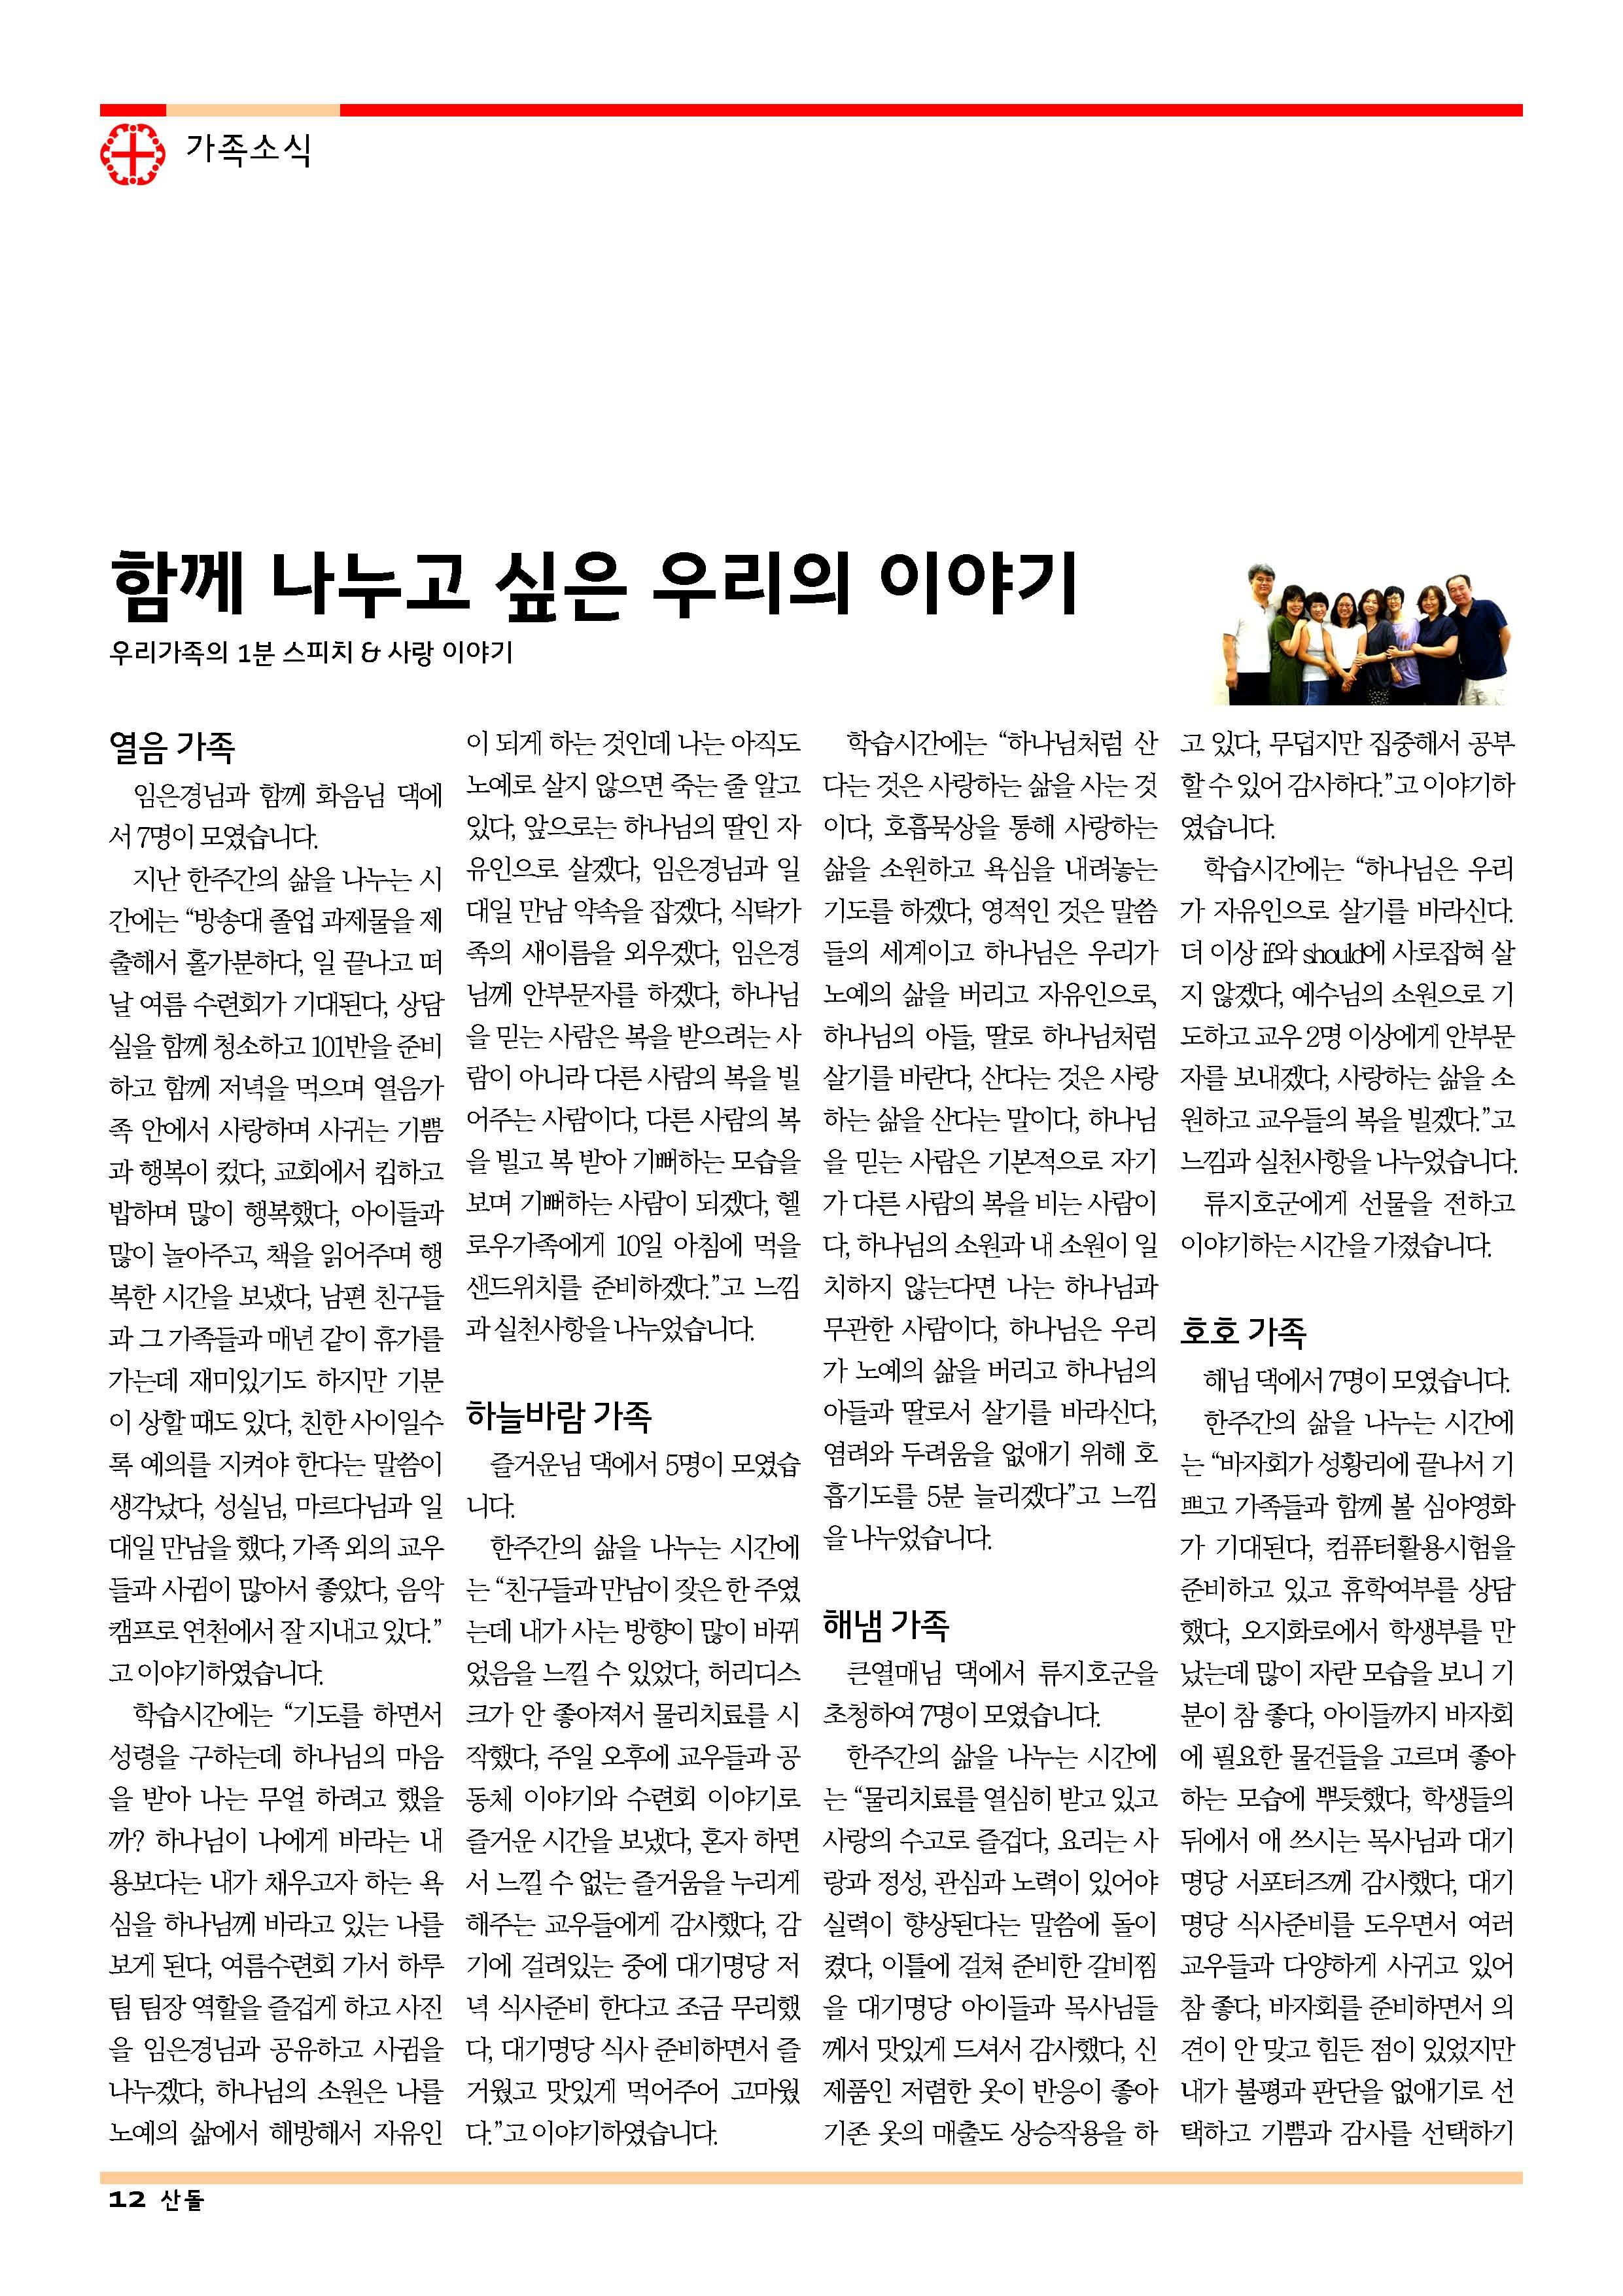 13sdjb0818_Page_12.jpg